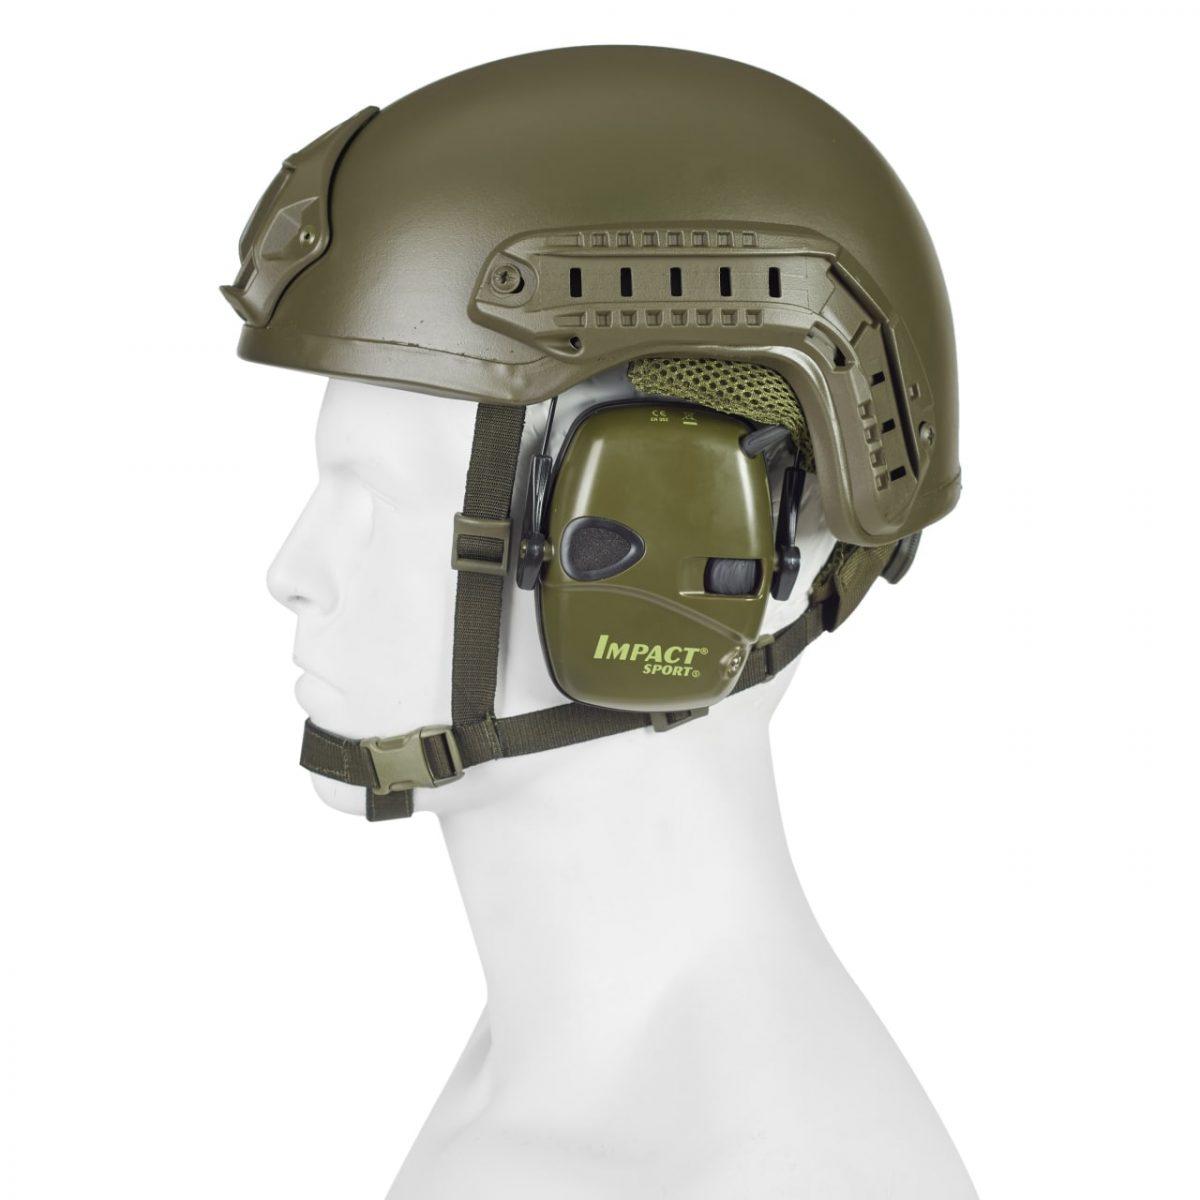 Темп-3000 презентував захисні шоломи 4-х розмірів